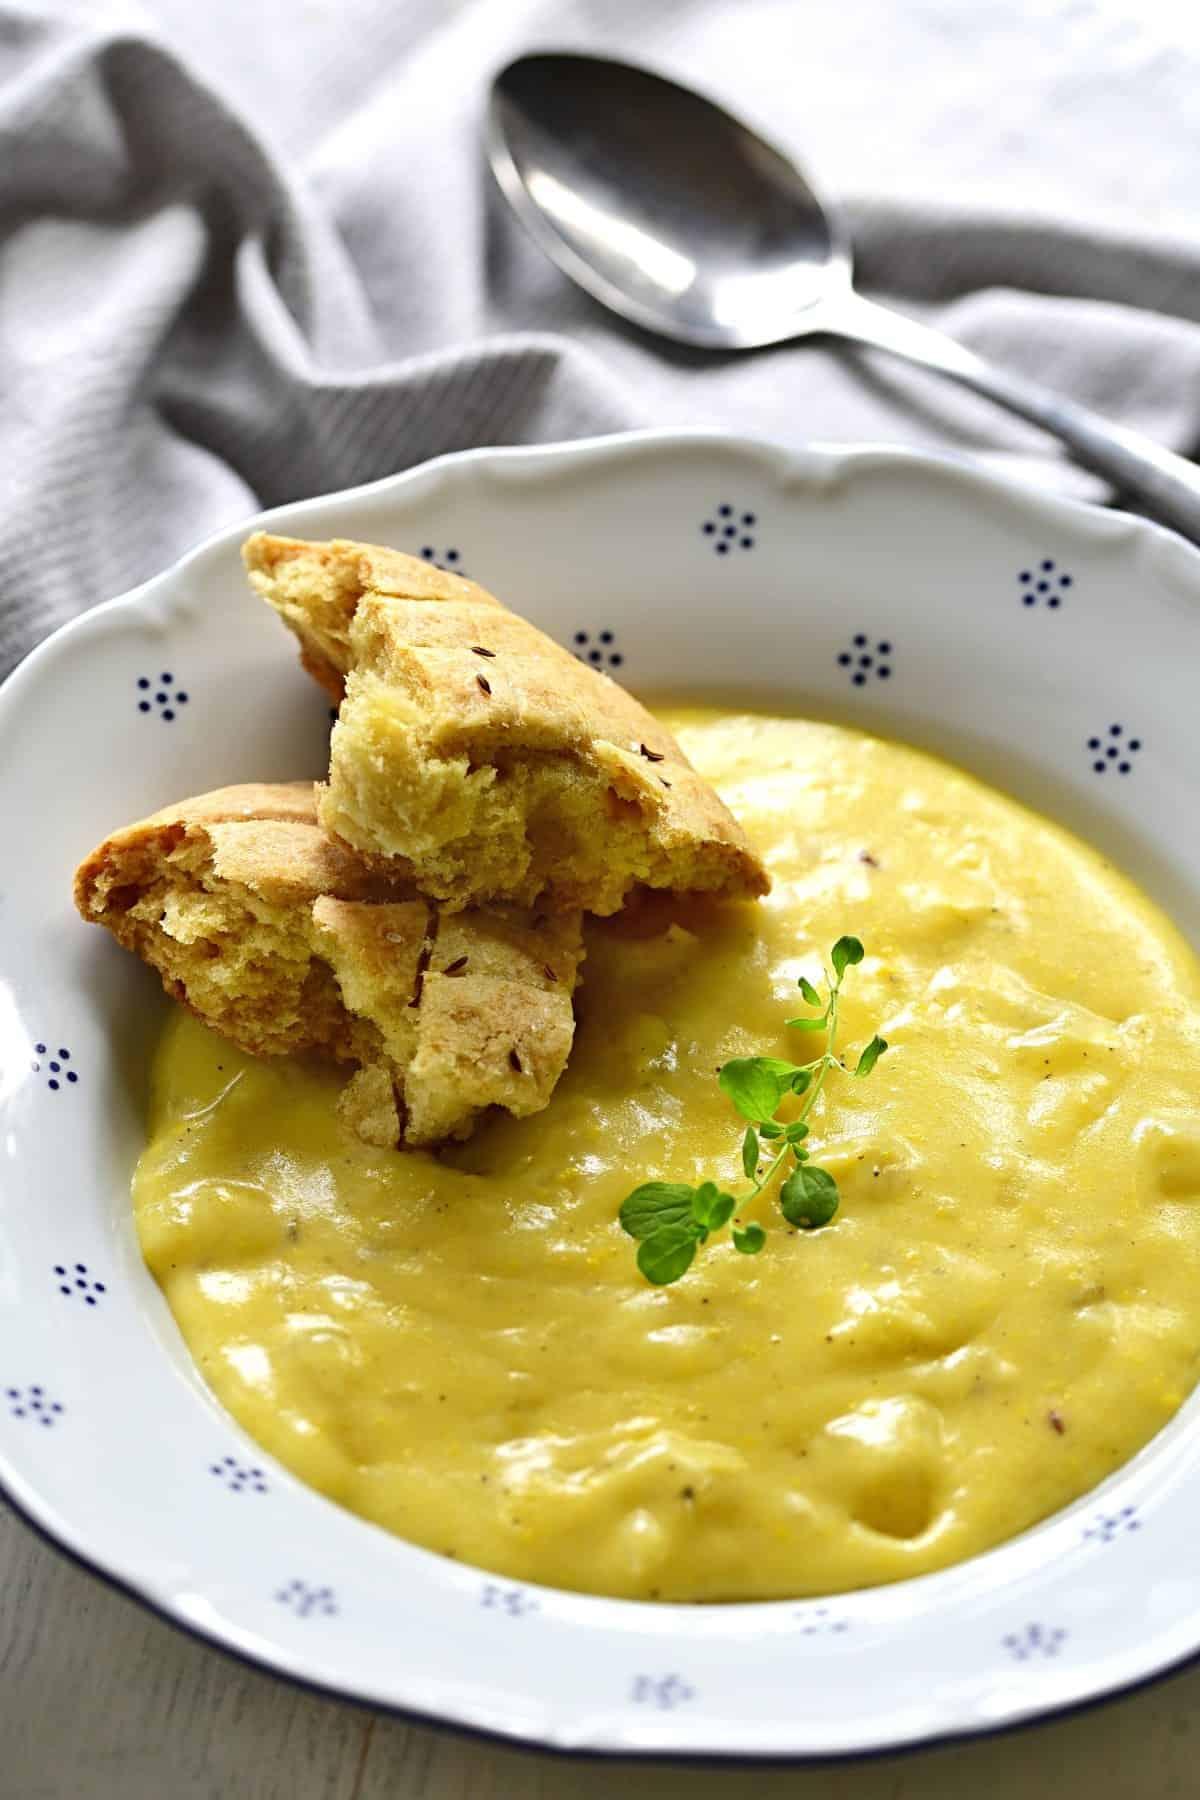 Krajanec served with potato sauce.